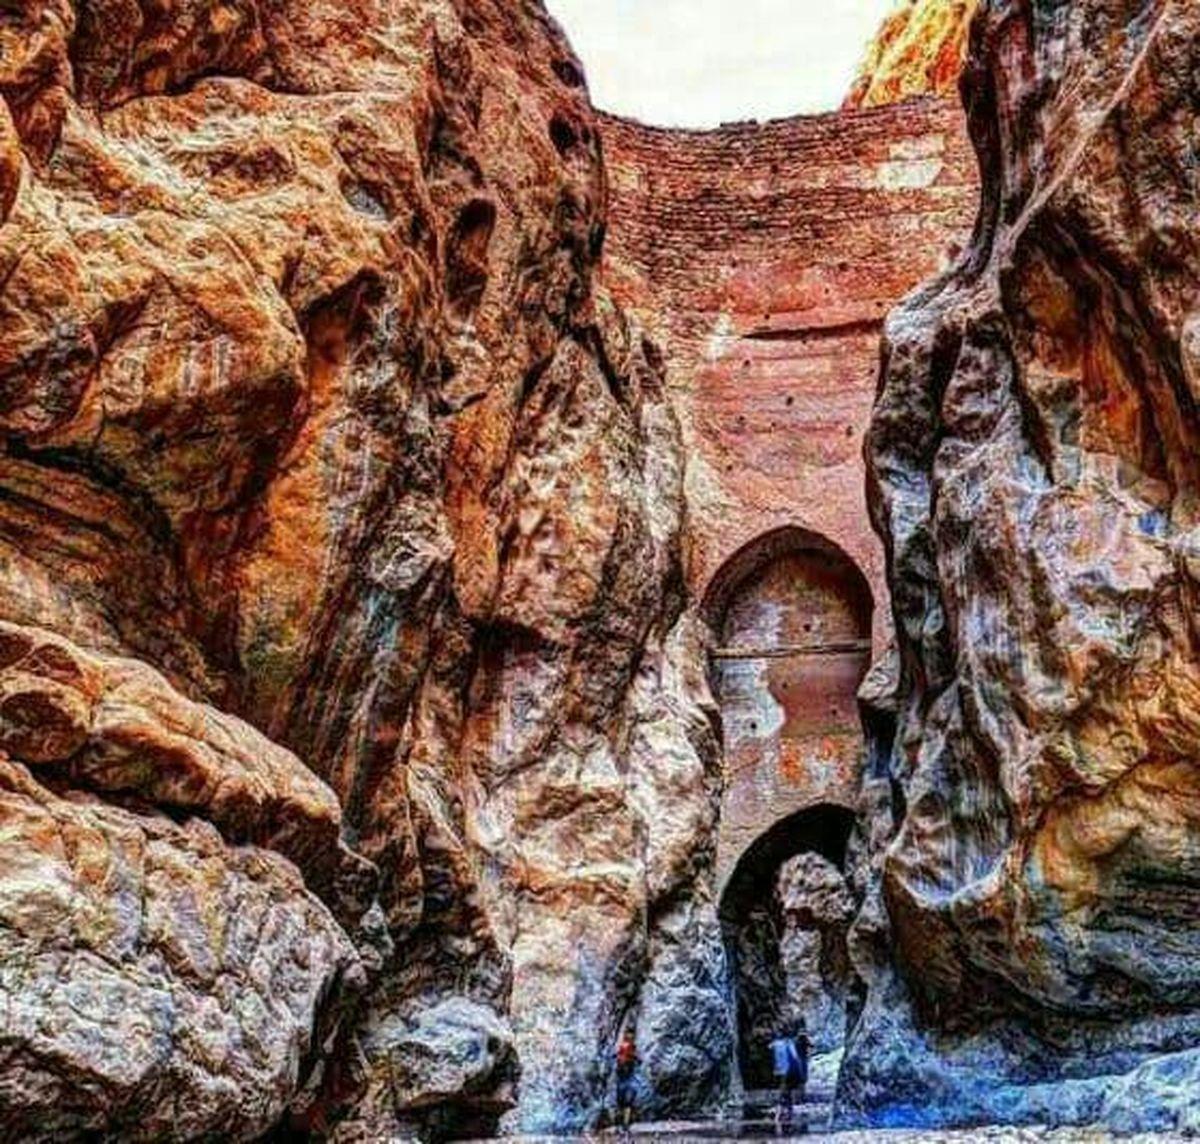 پر رکوردترین بنای تاریخی ایران+عکس